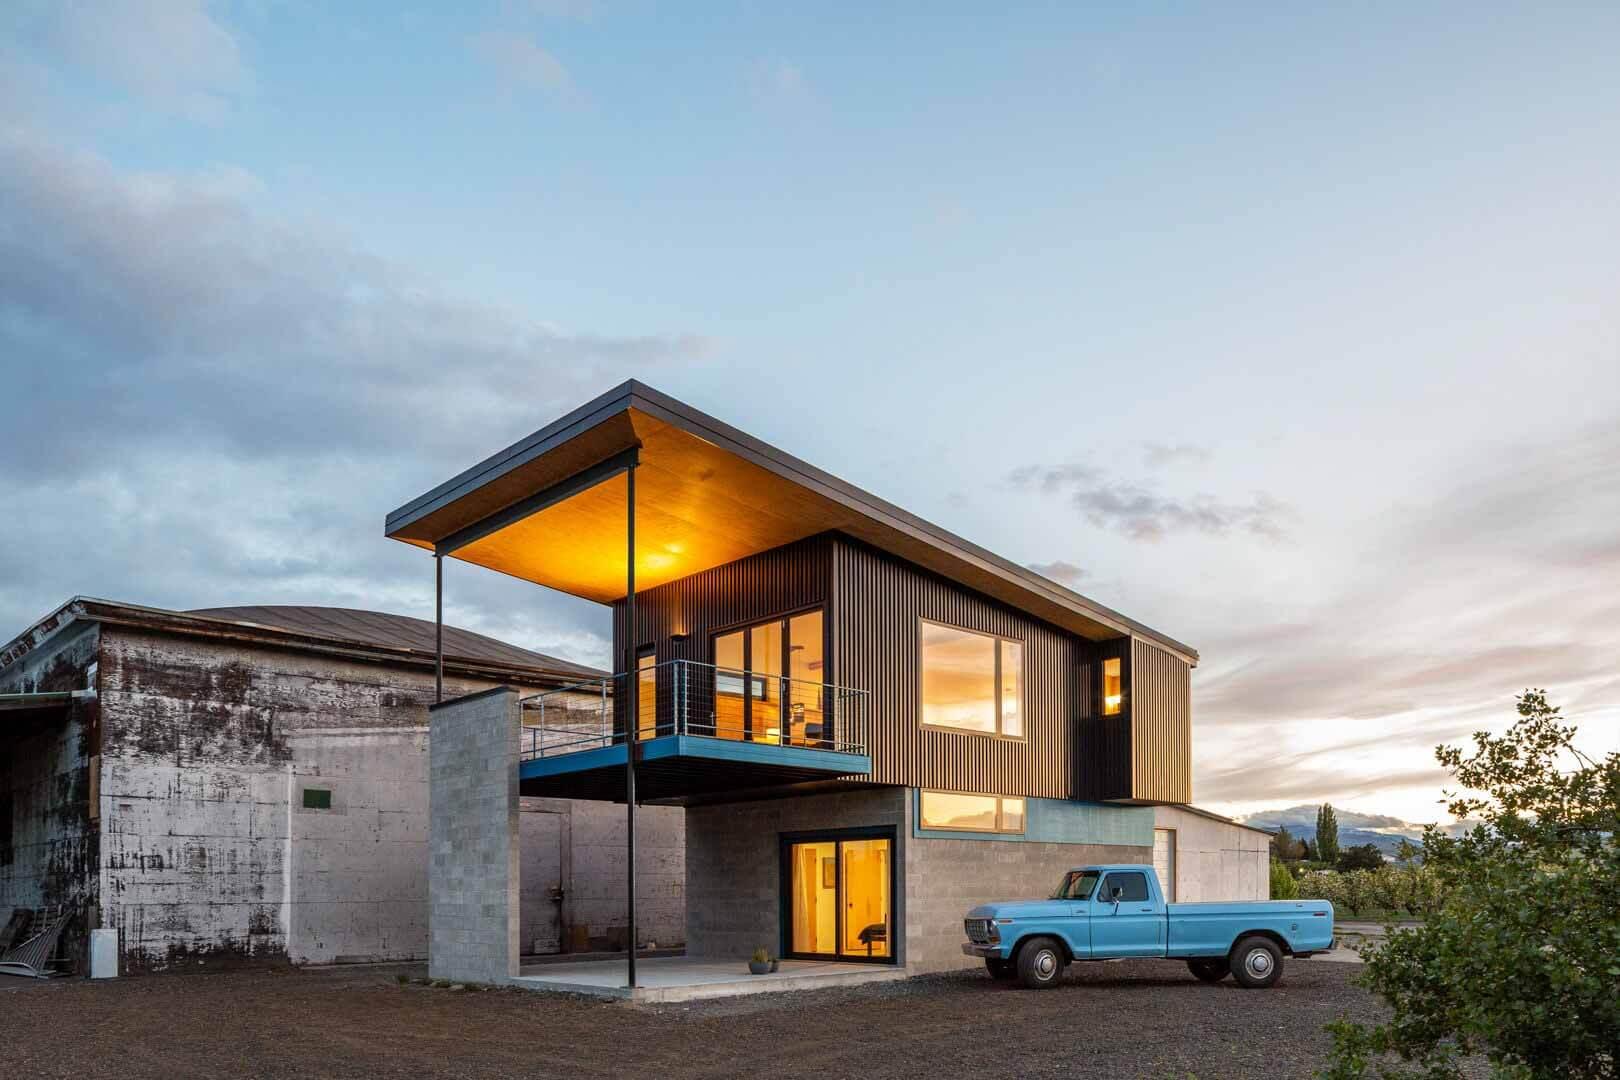 Cloud Ranch / Передовая архитектура